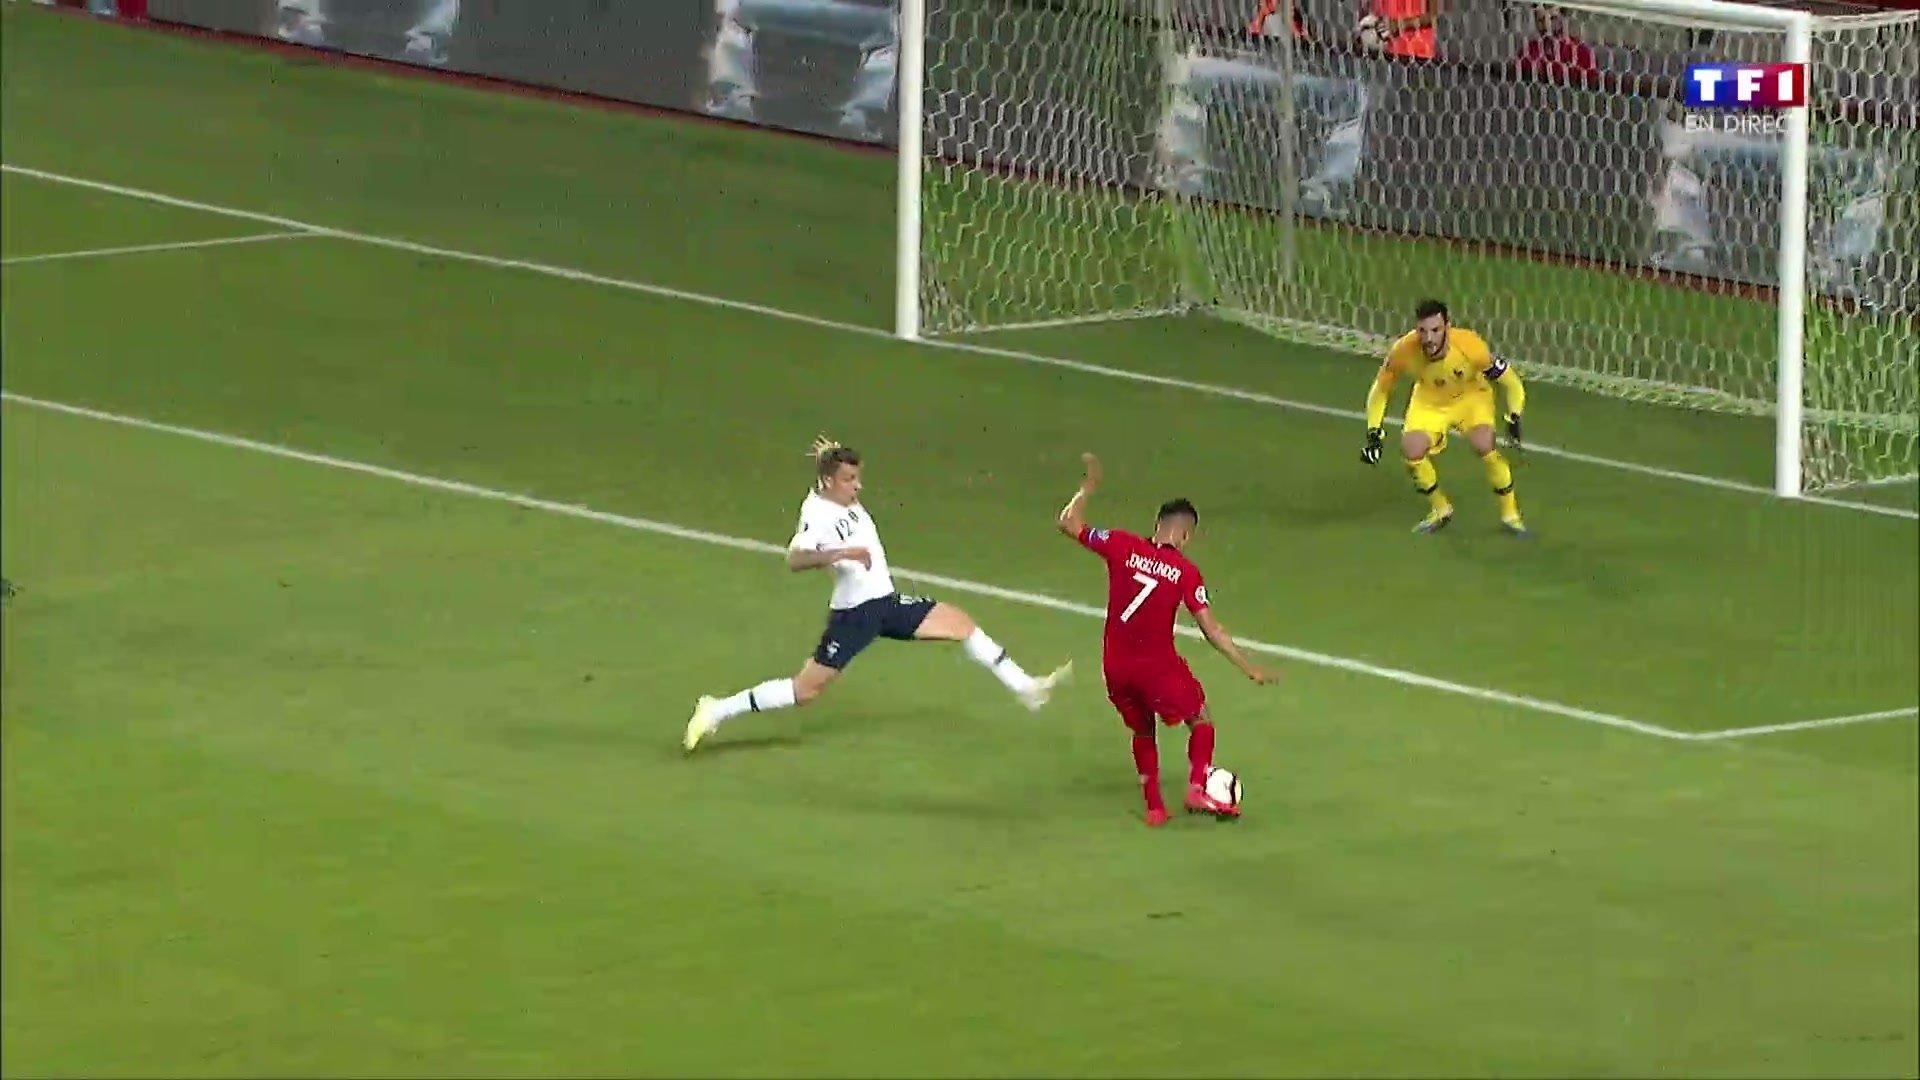 Turquie-France - Le but du 2-0 marqué par Cengiz Ünder en vidéo